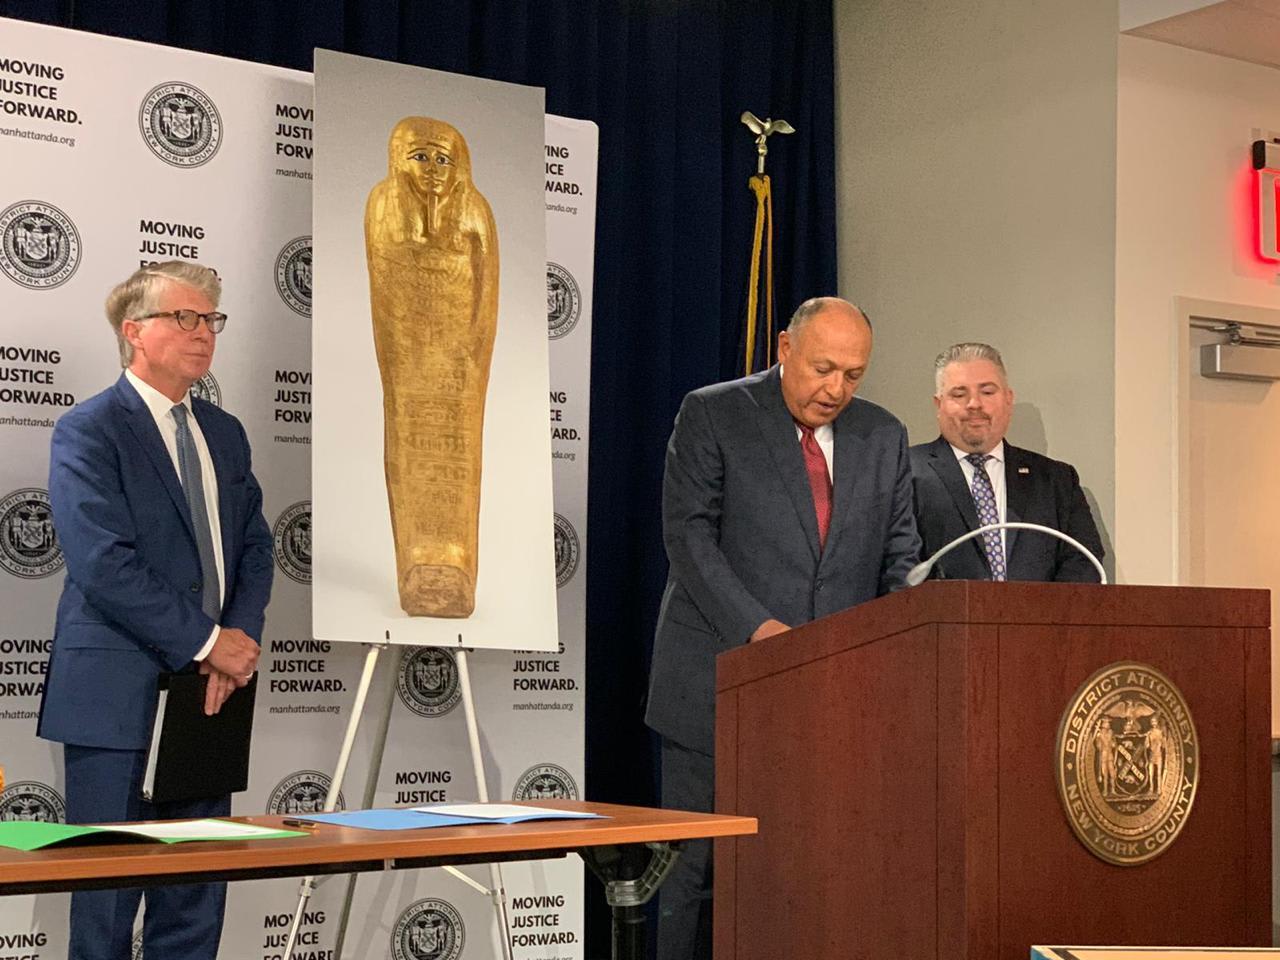 """مصر تسترد """"تابوت ذهبي فرعوني"""" كان يعرض في متحف بنيويورك"""